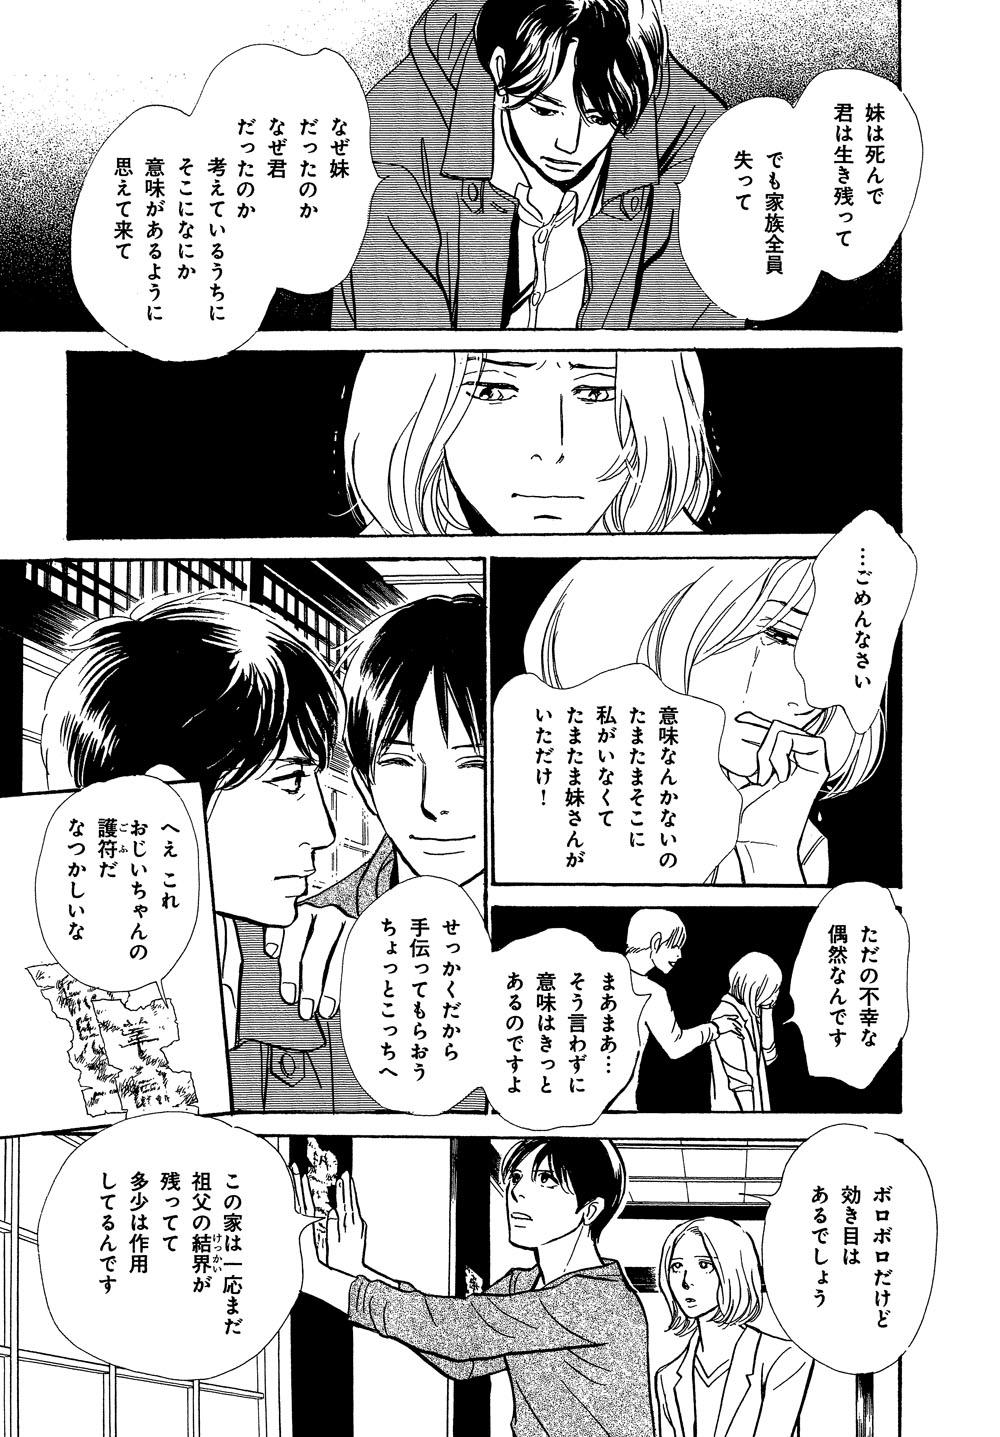 hyakki_0020_0043.jpg